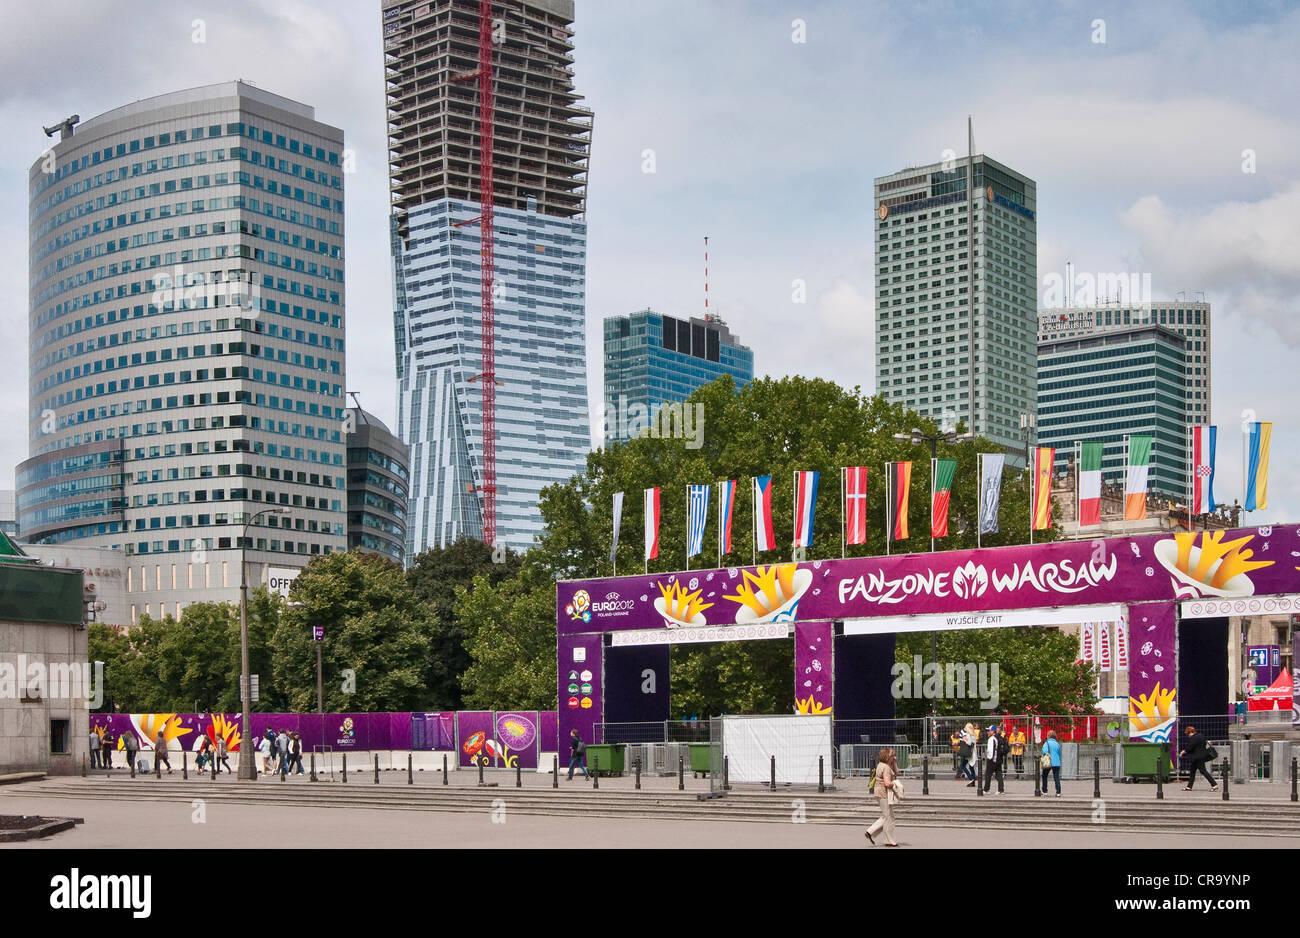 EURO 2012 Fan Zone entrata nel centro di Varsavia, Polonia Immagini Stock